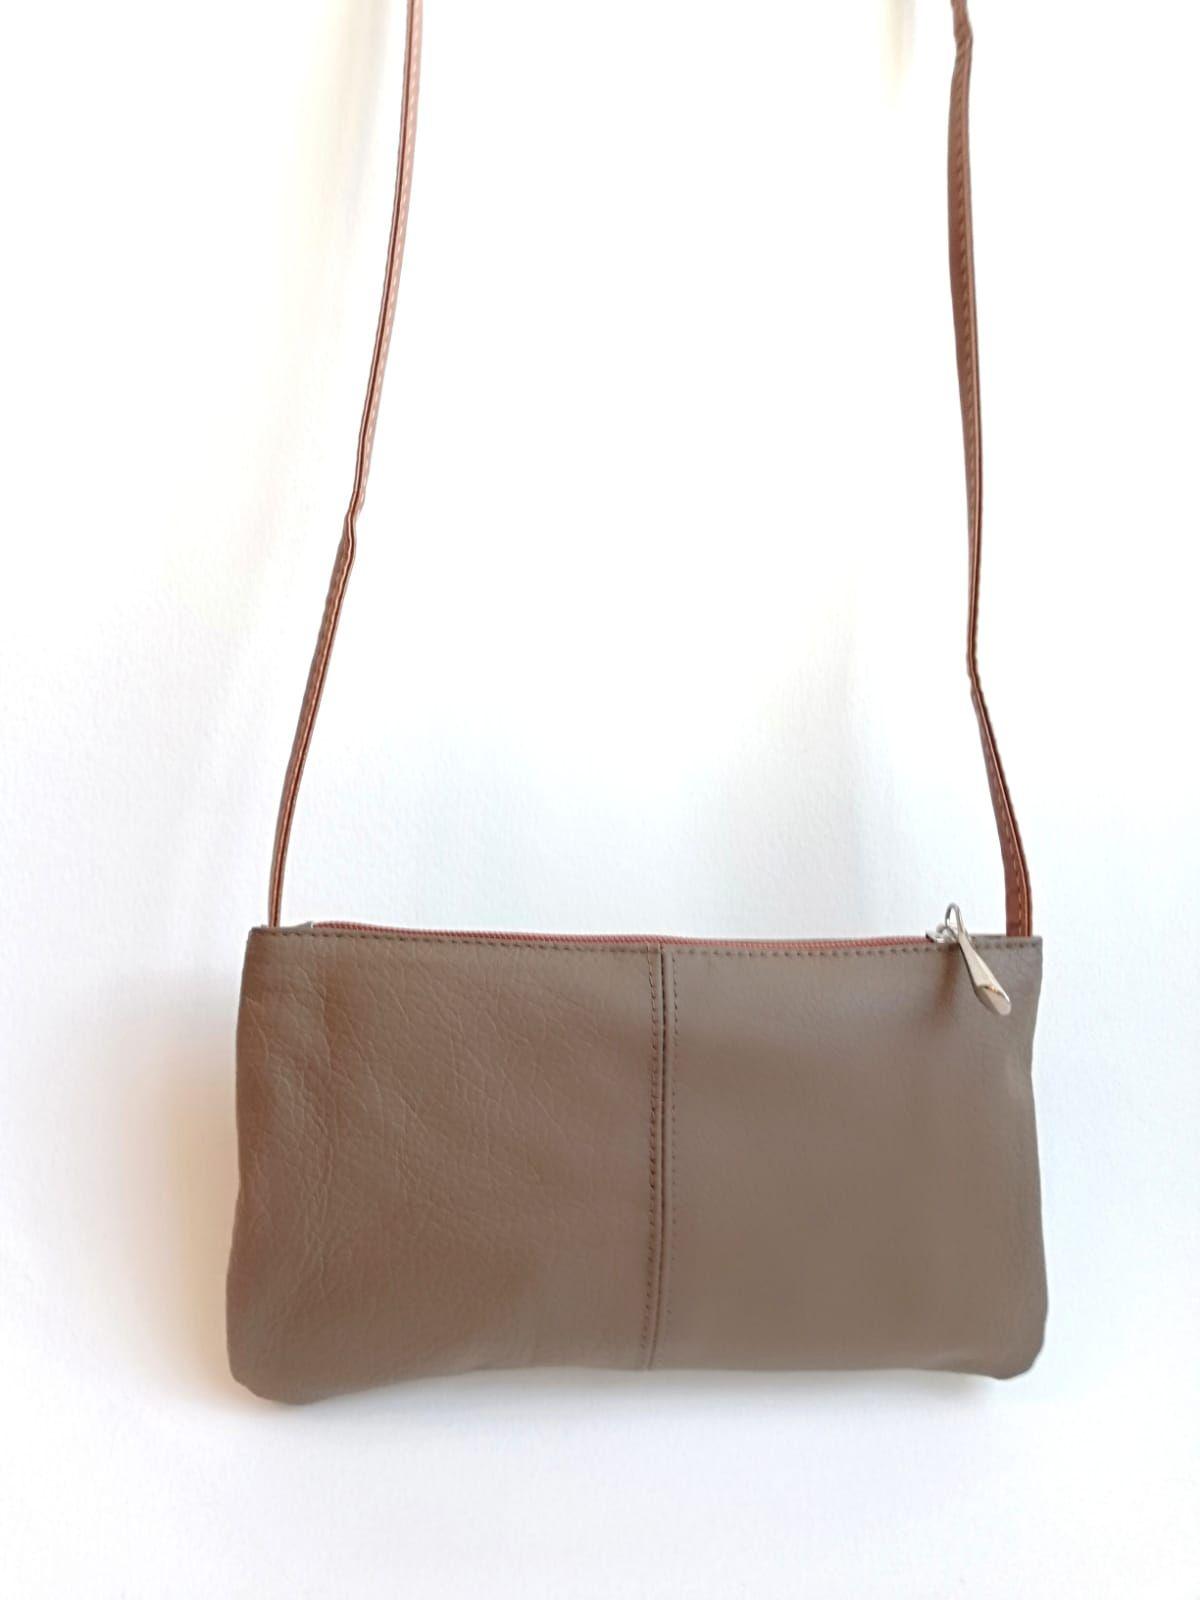 929901d82 Minibolso bandolera piel auténtica tamaño riñonera con correa larga marrón  taupe tendencia complementos